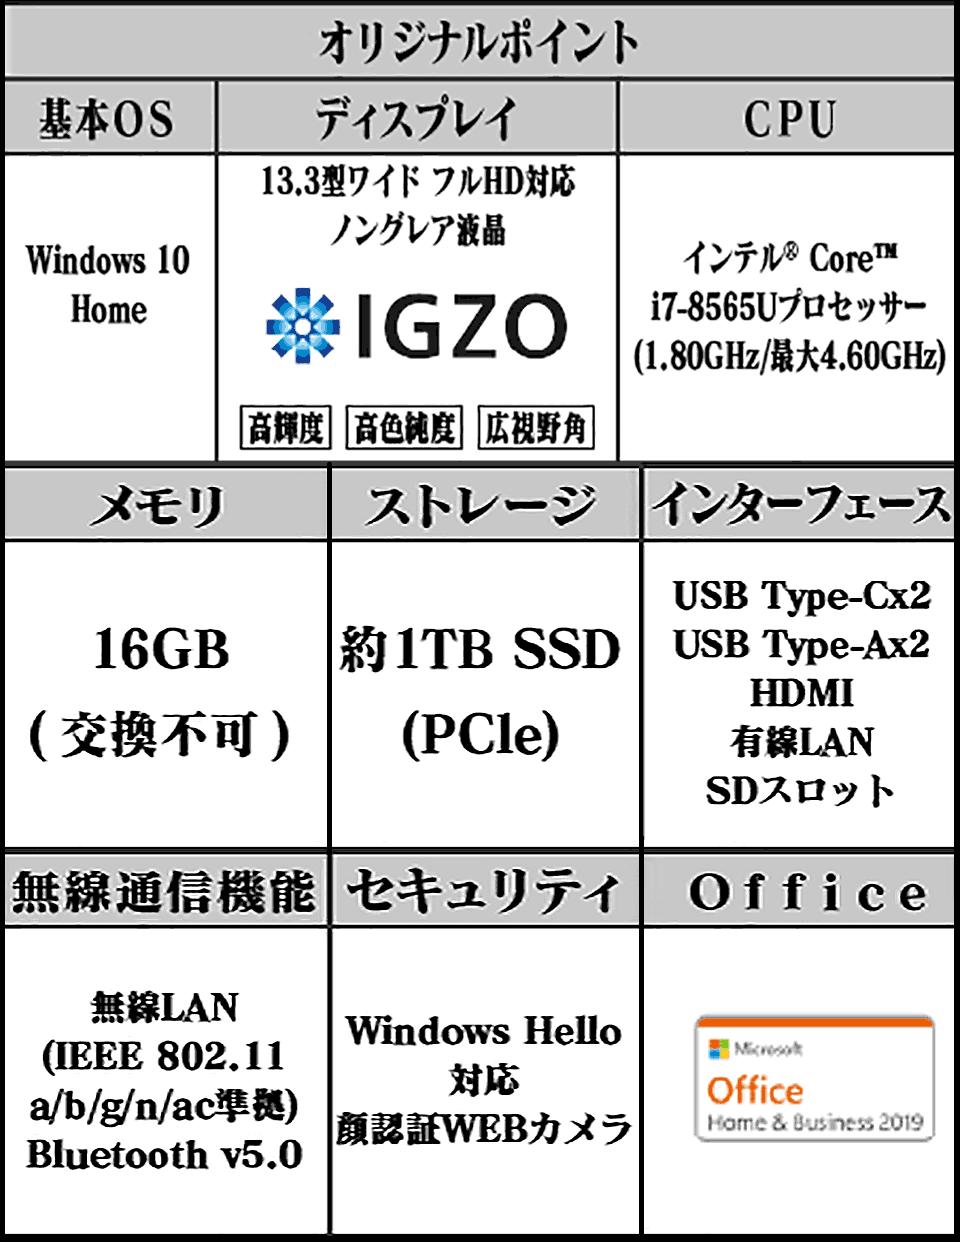 1 2 - エヴァンゲリオン特別限定デザイン 富士通ノートパソコン¥250000 Corei7SSD1TBメモリ16GB